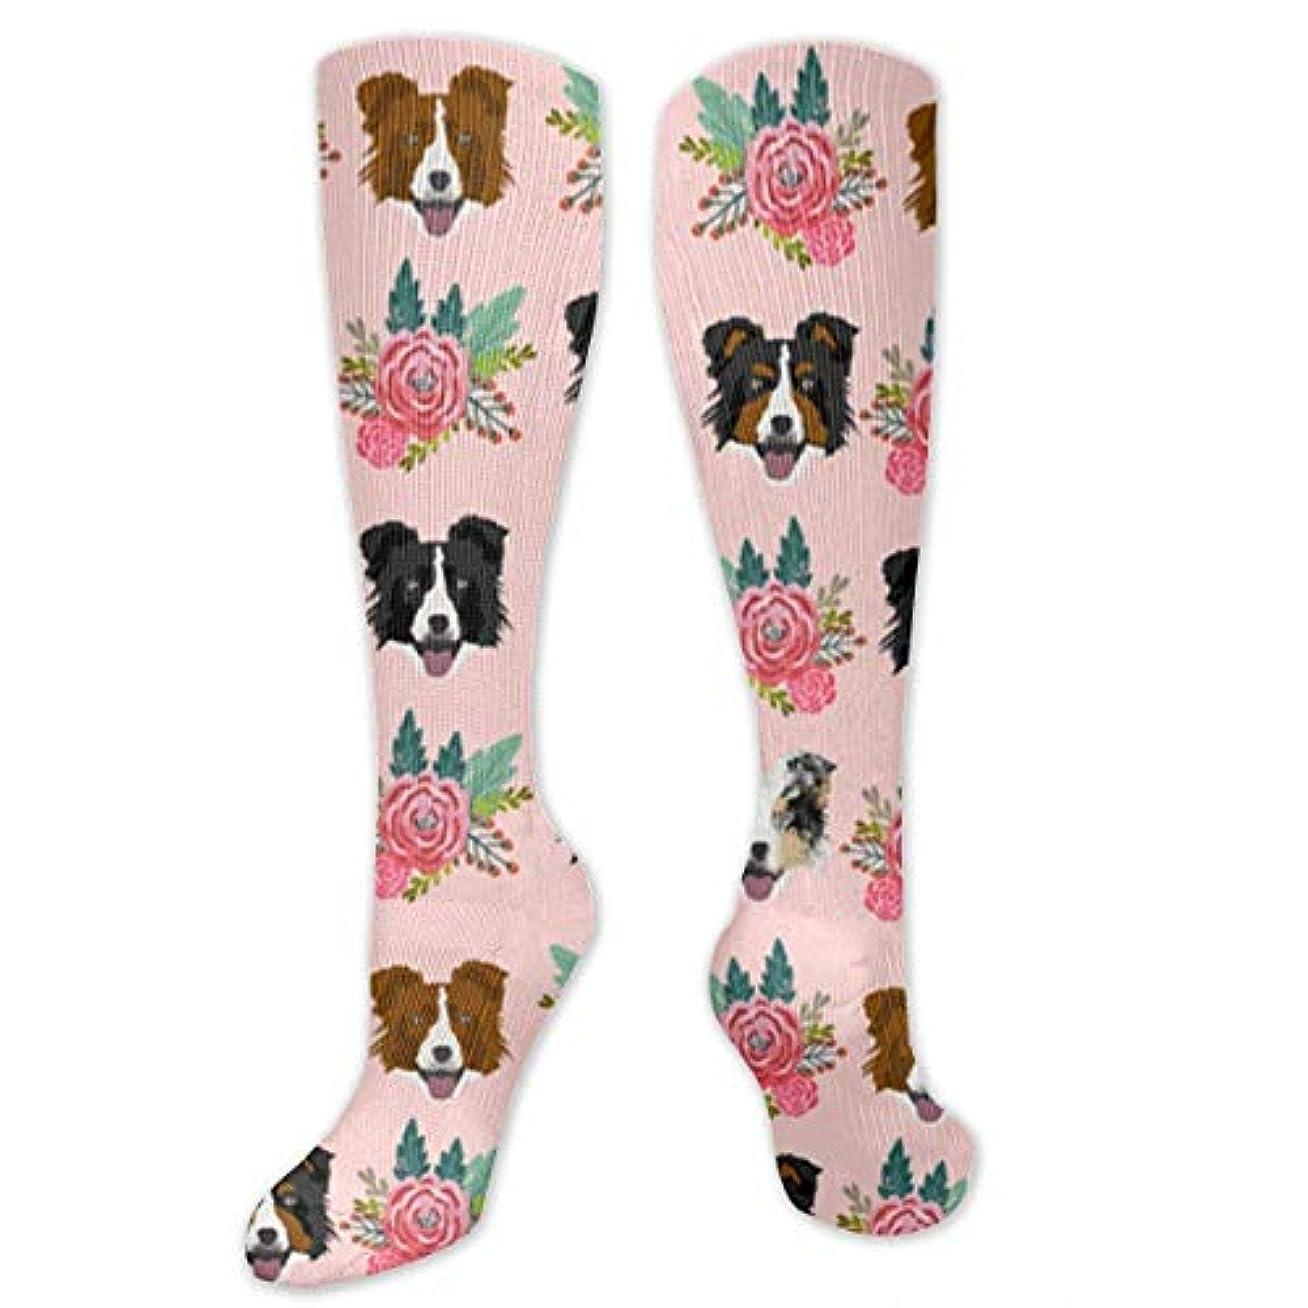 半球文房具しがみつく靴下,ストッキング,野生のジョーカー,実際,秋の本質,冬必須,サマーウェア&RBXAA Border Collie Floral Socks Women's Winter Cotton Long Tube Socks Knee...